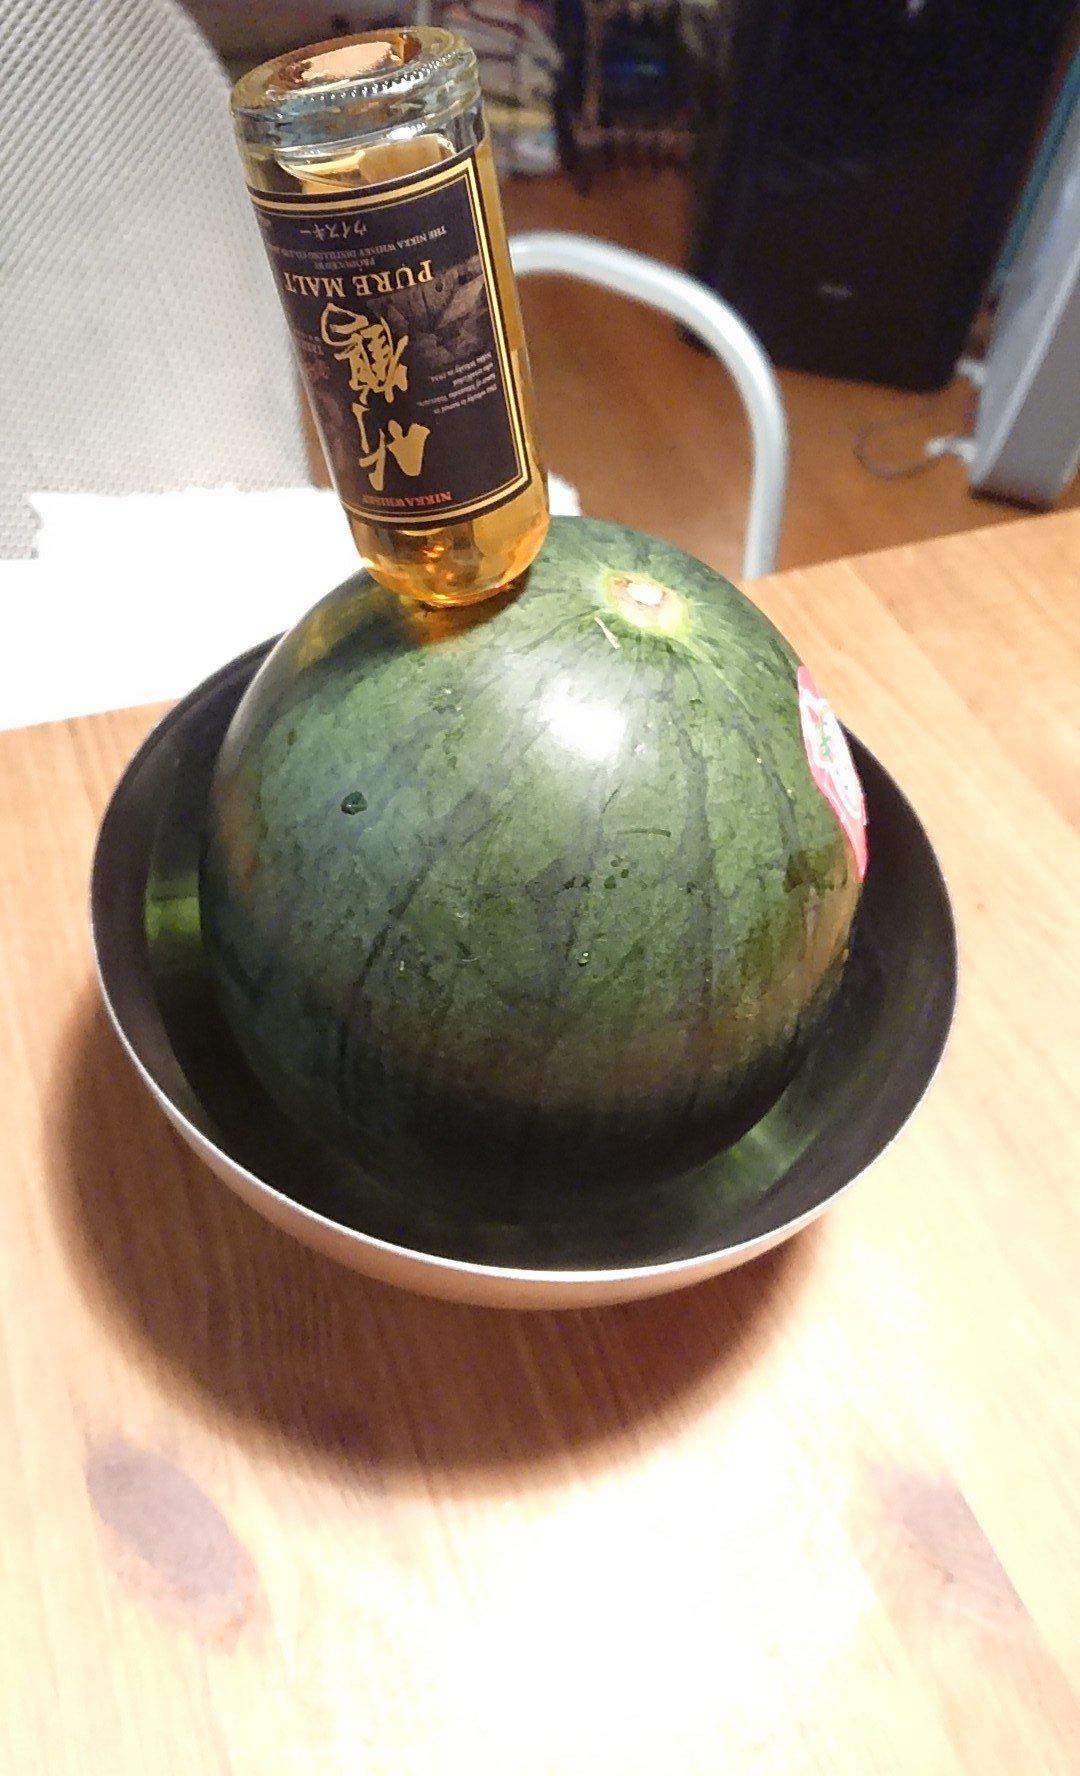 デザートはアルコールスイカ。大きいと食べきれないから小玉に竹鶴ミニボトル。ぶっさして丸4日、やっと全部入ってくれた。ウィスキーシミシミスイカうまい。